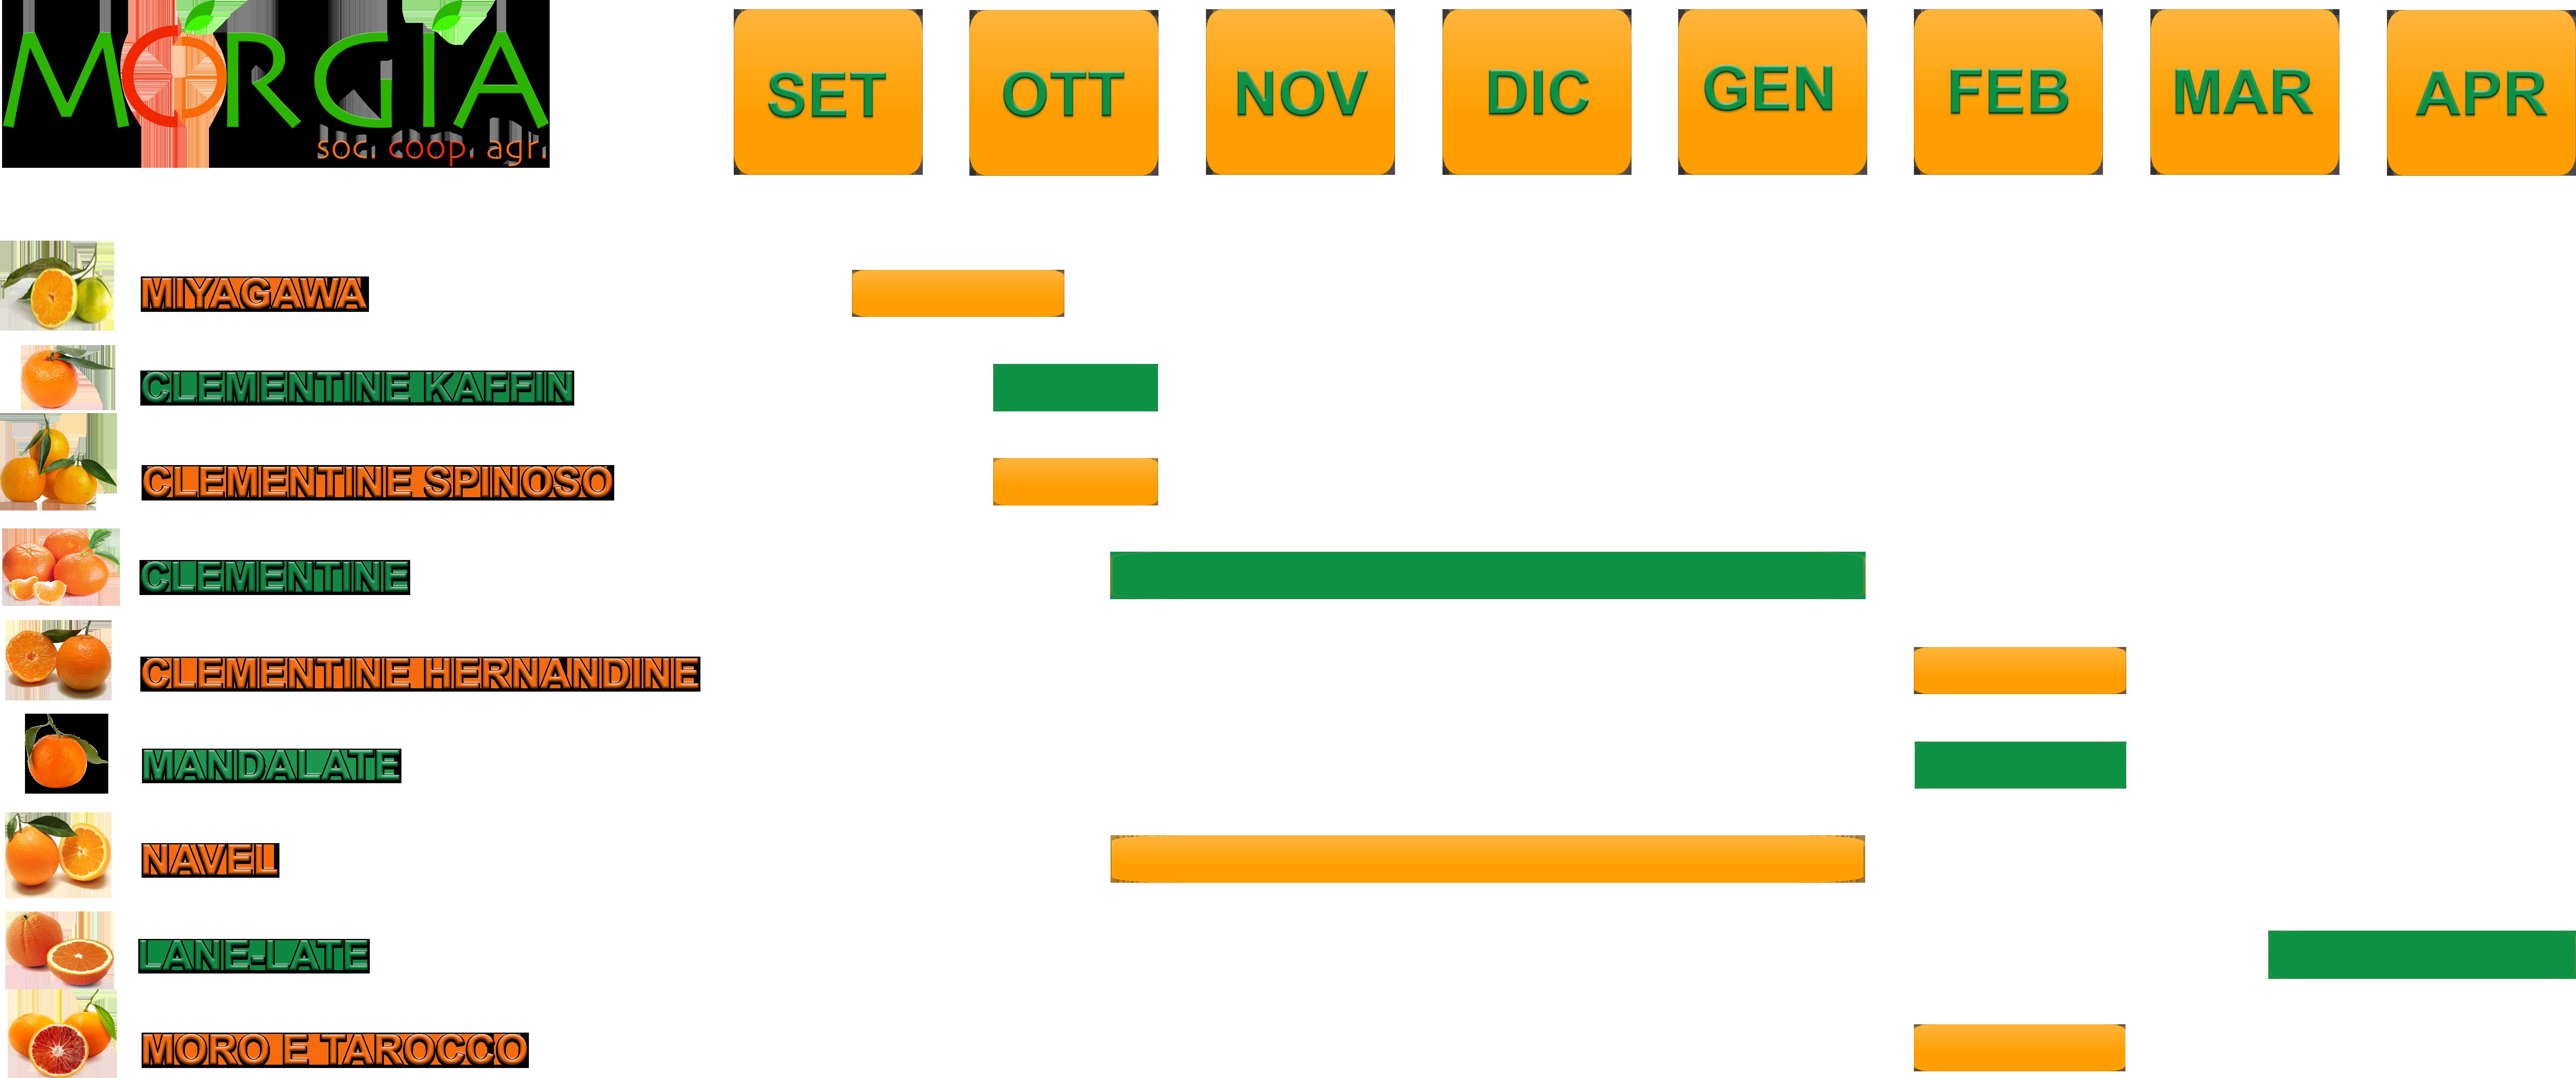 Agrumi morgia for Calendario concimazione agrumi